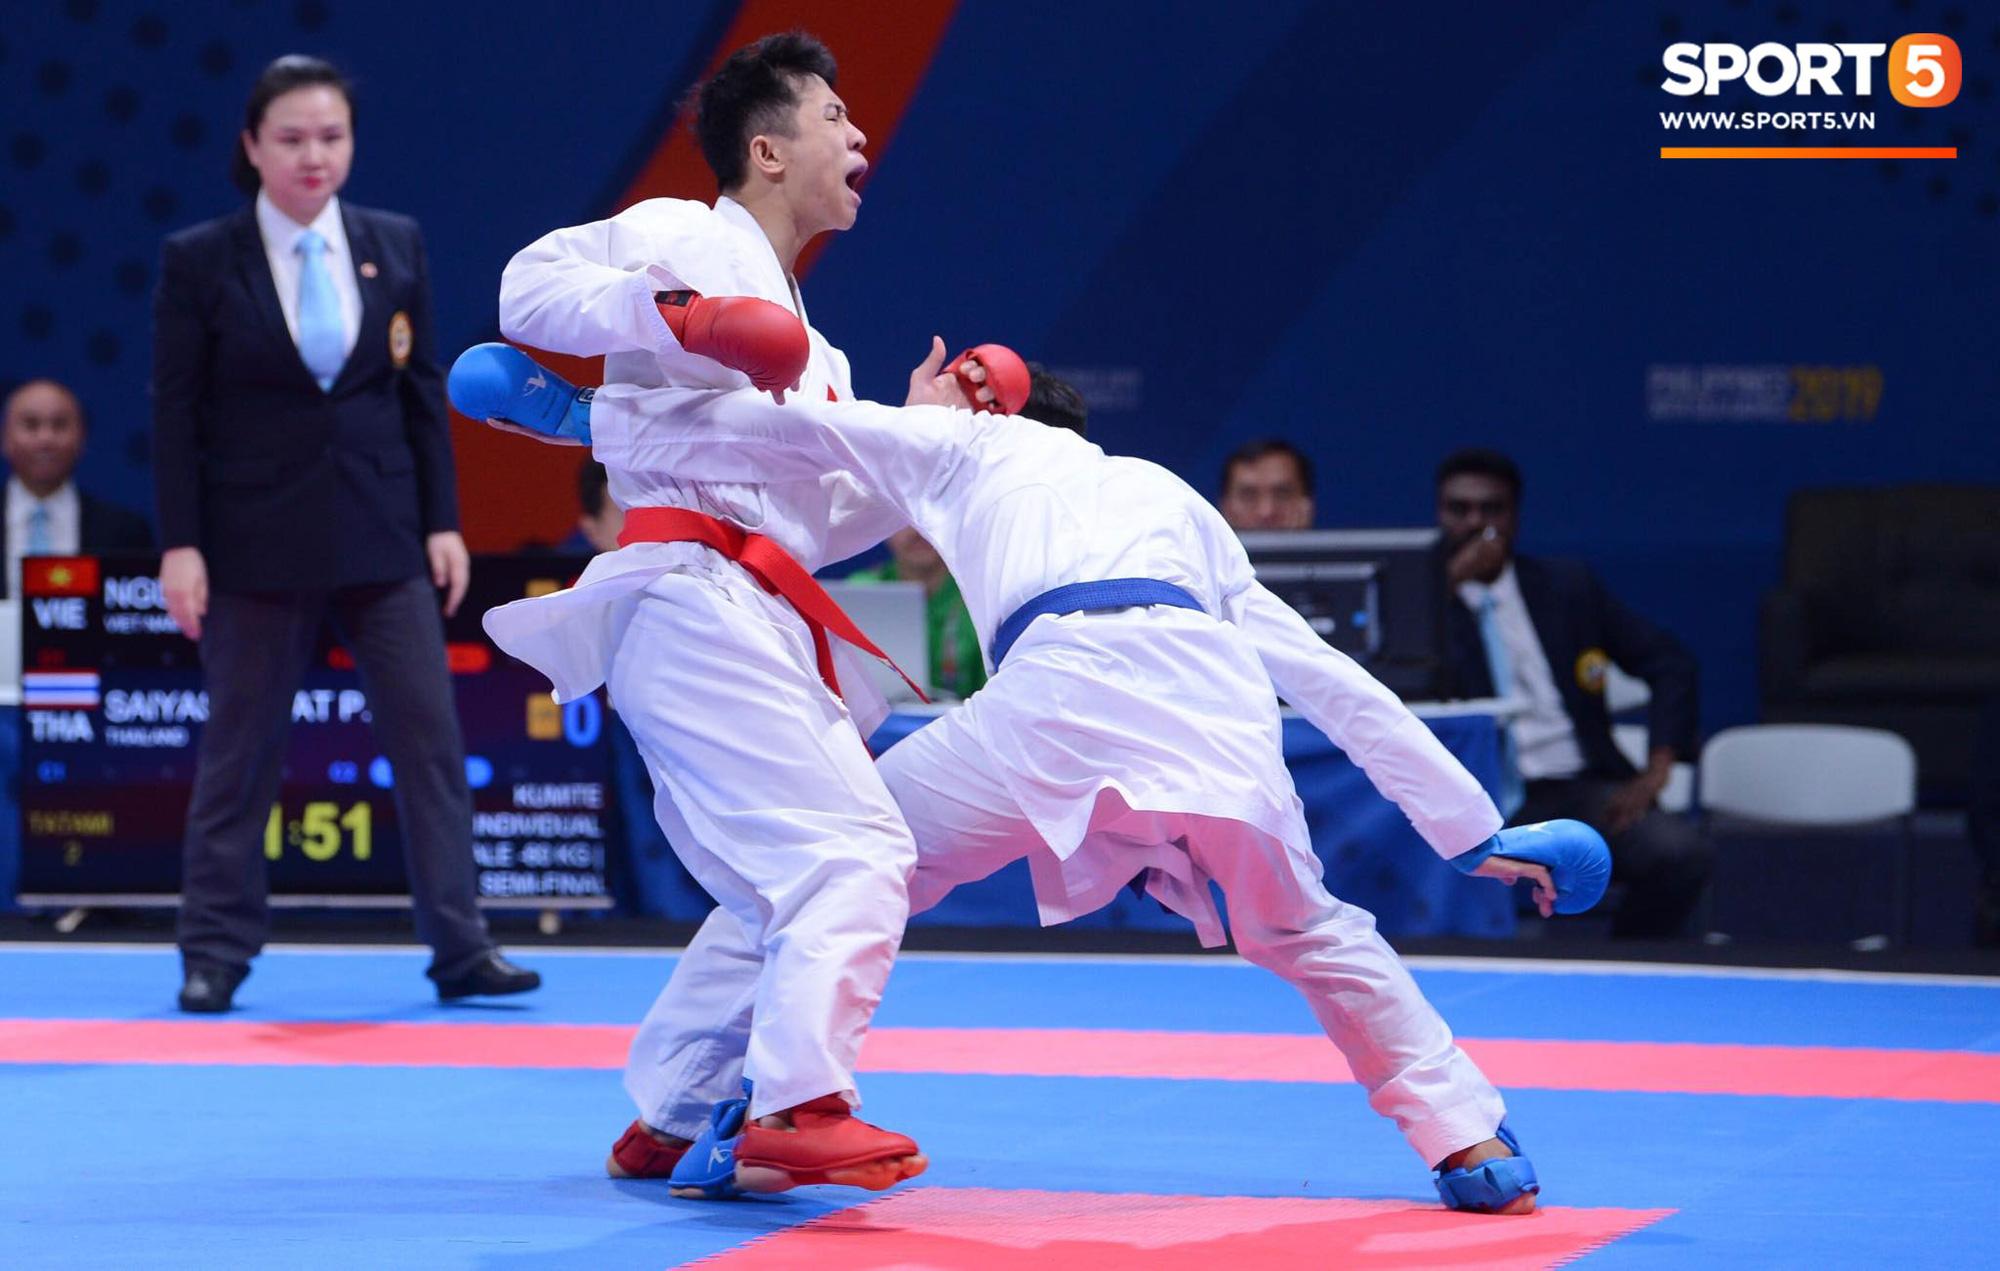 SEA Games ngày 8/12: Nữ hoàng điền kinh Tú Chinh vượt 2 VĐV nhập tịch trong tích tắc, xuất sắc giành HCV chung cuộc - Ảnh 58.